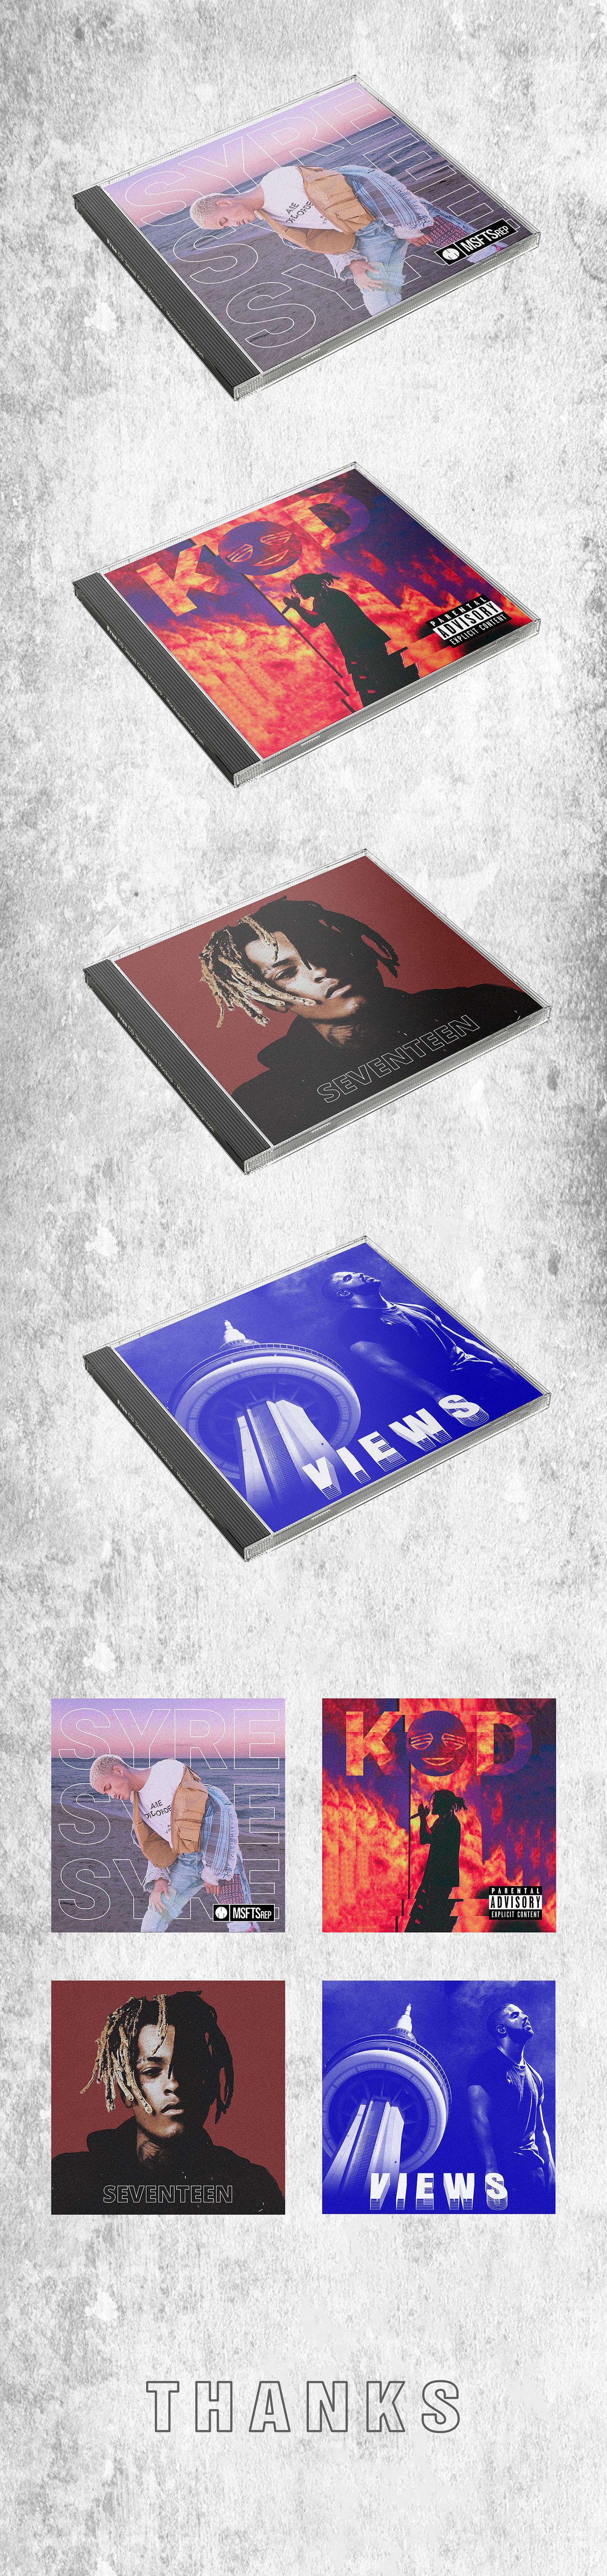 Album album artwork rap off white album cover concept artwork music hip hop graphic design